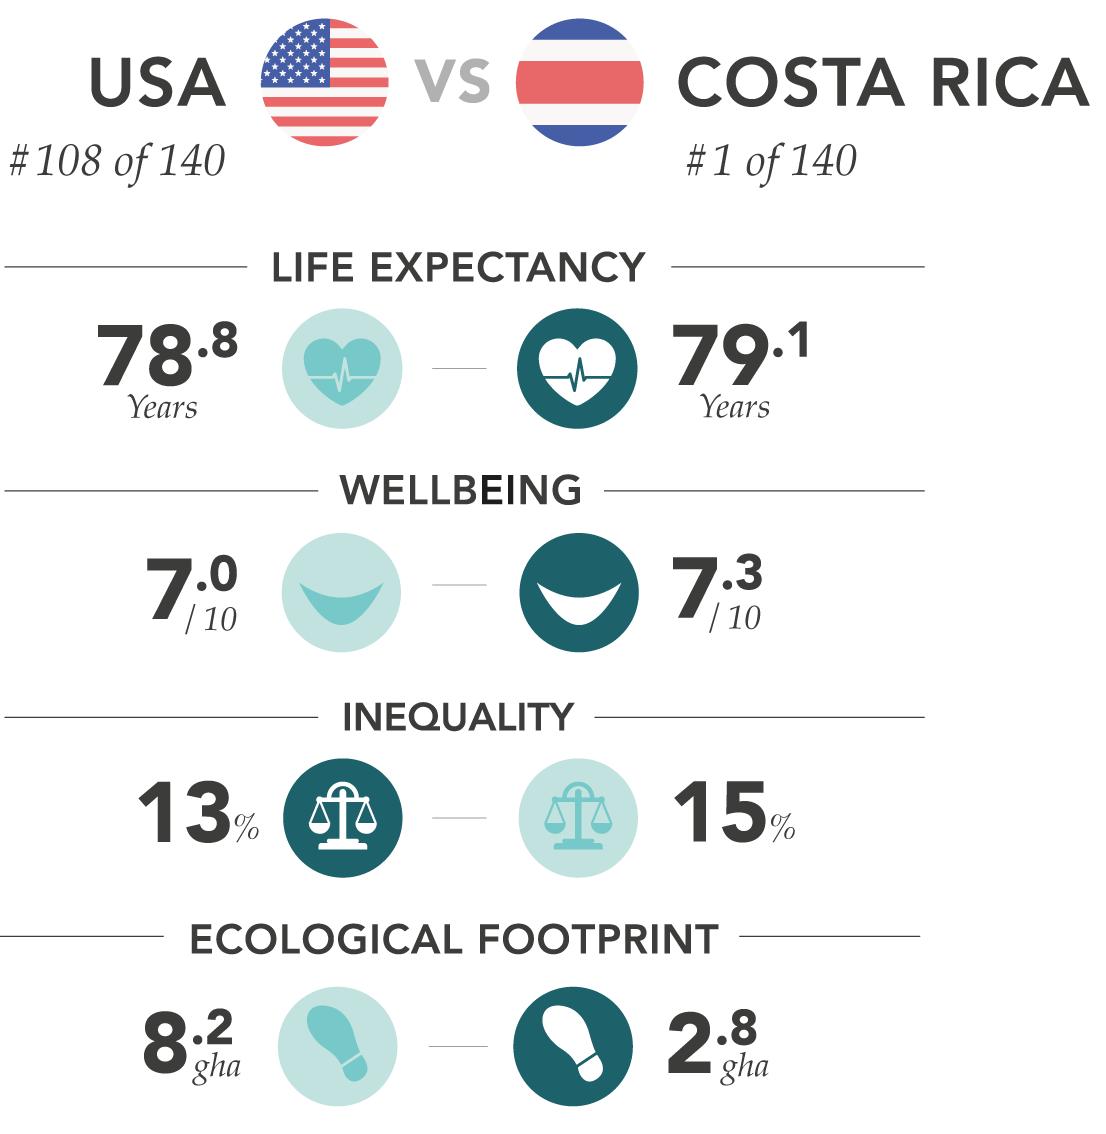 HPI comparison of Costa Rica vs. the U.S.